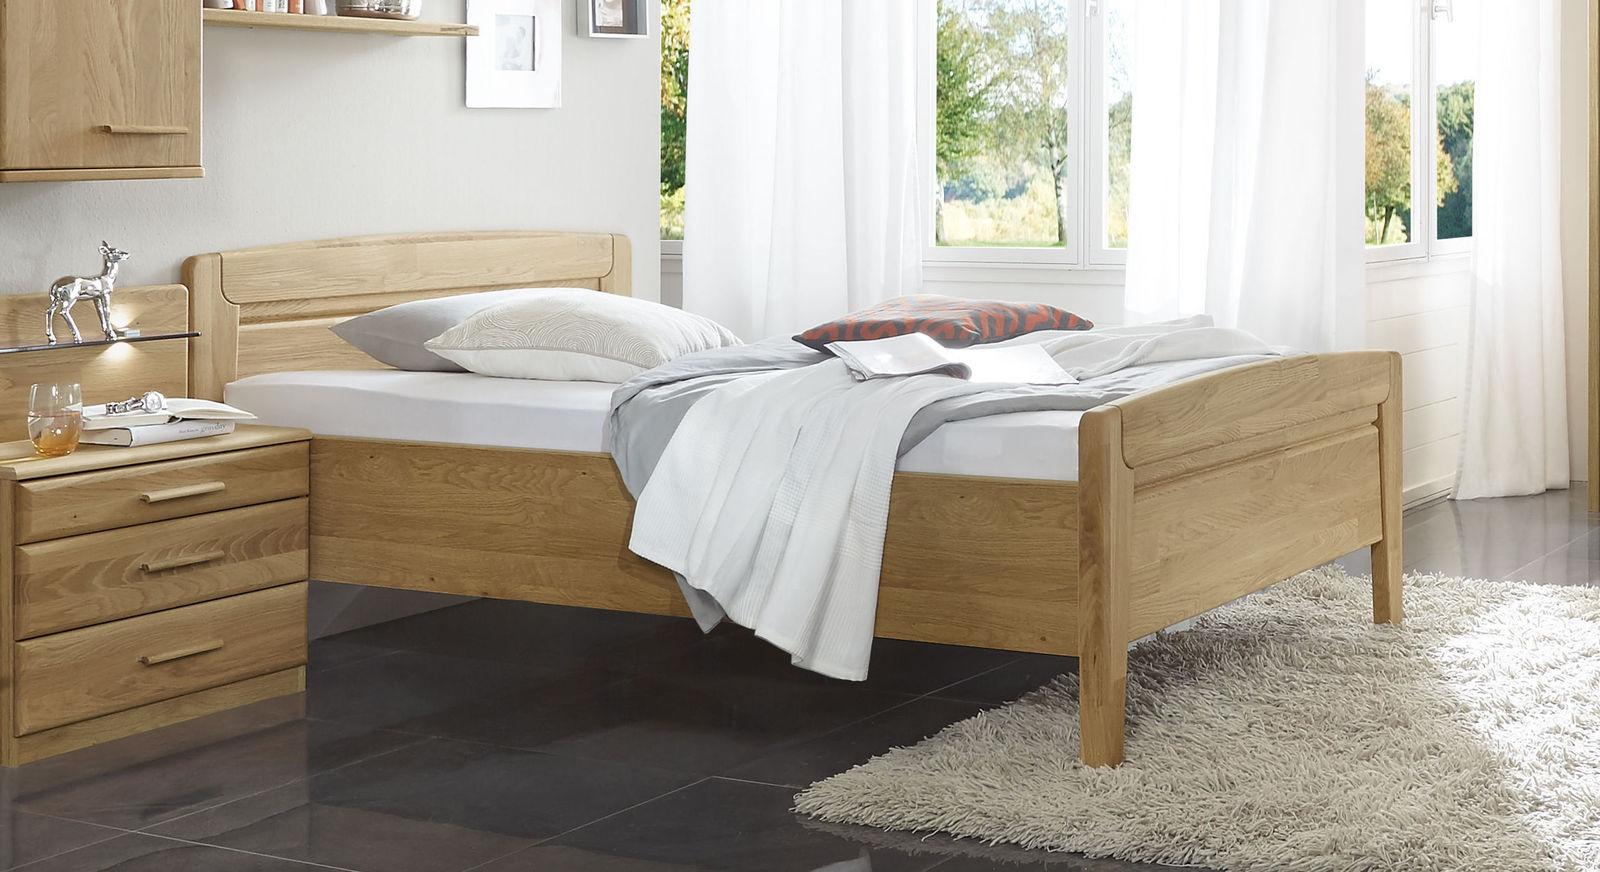 Full Size of Erhöhtes Bett Betten 200x220 Ebay 180x200 Konfigurieren 200x200 Mit Bettkasten Günstig Kaufen Modernes Lattenrost Kiefer 90x200 Hülsta Matratze Für Bett Erhöhtes Bett